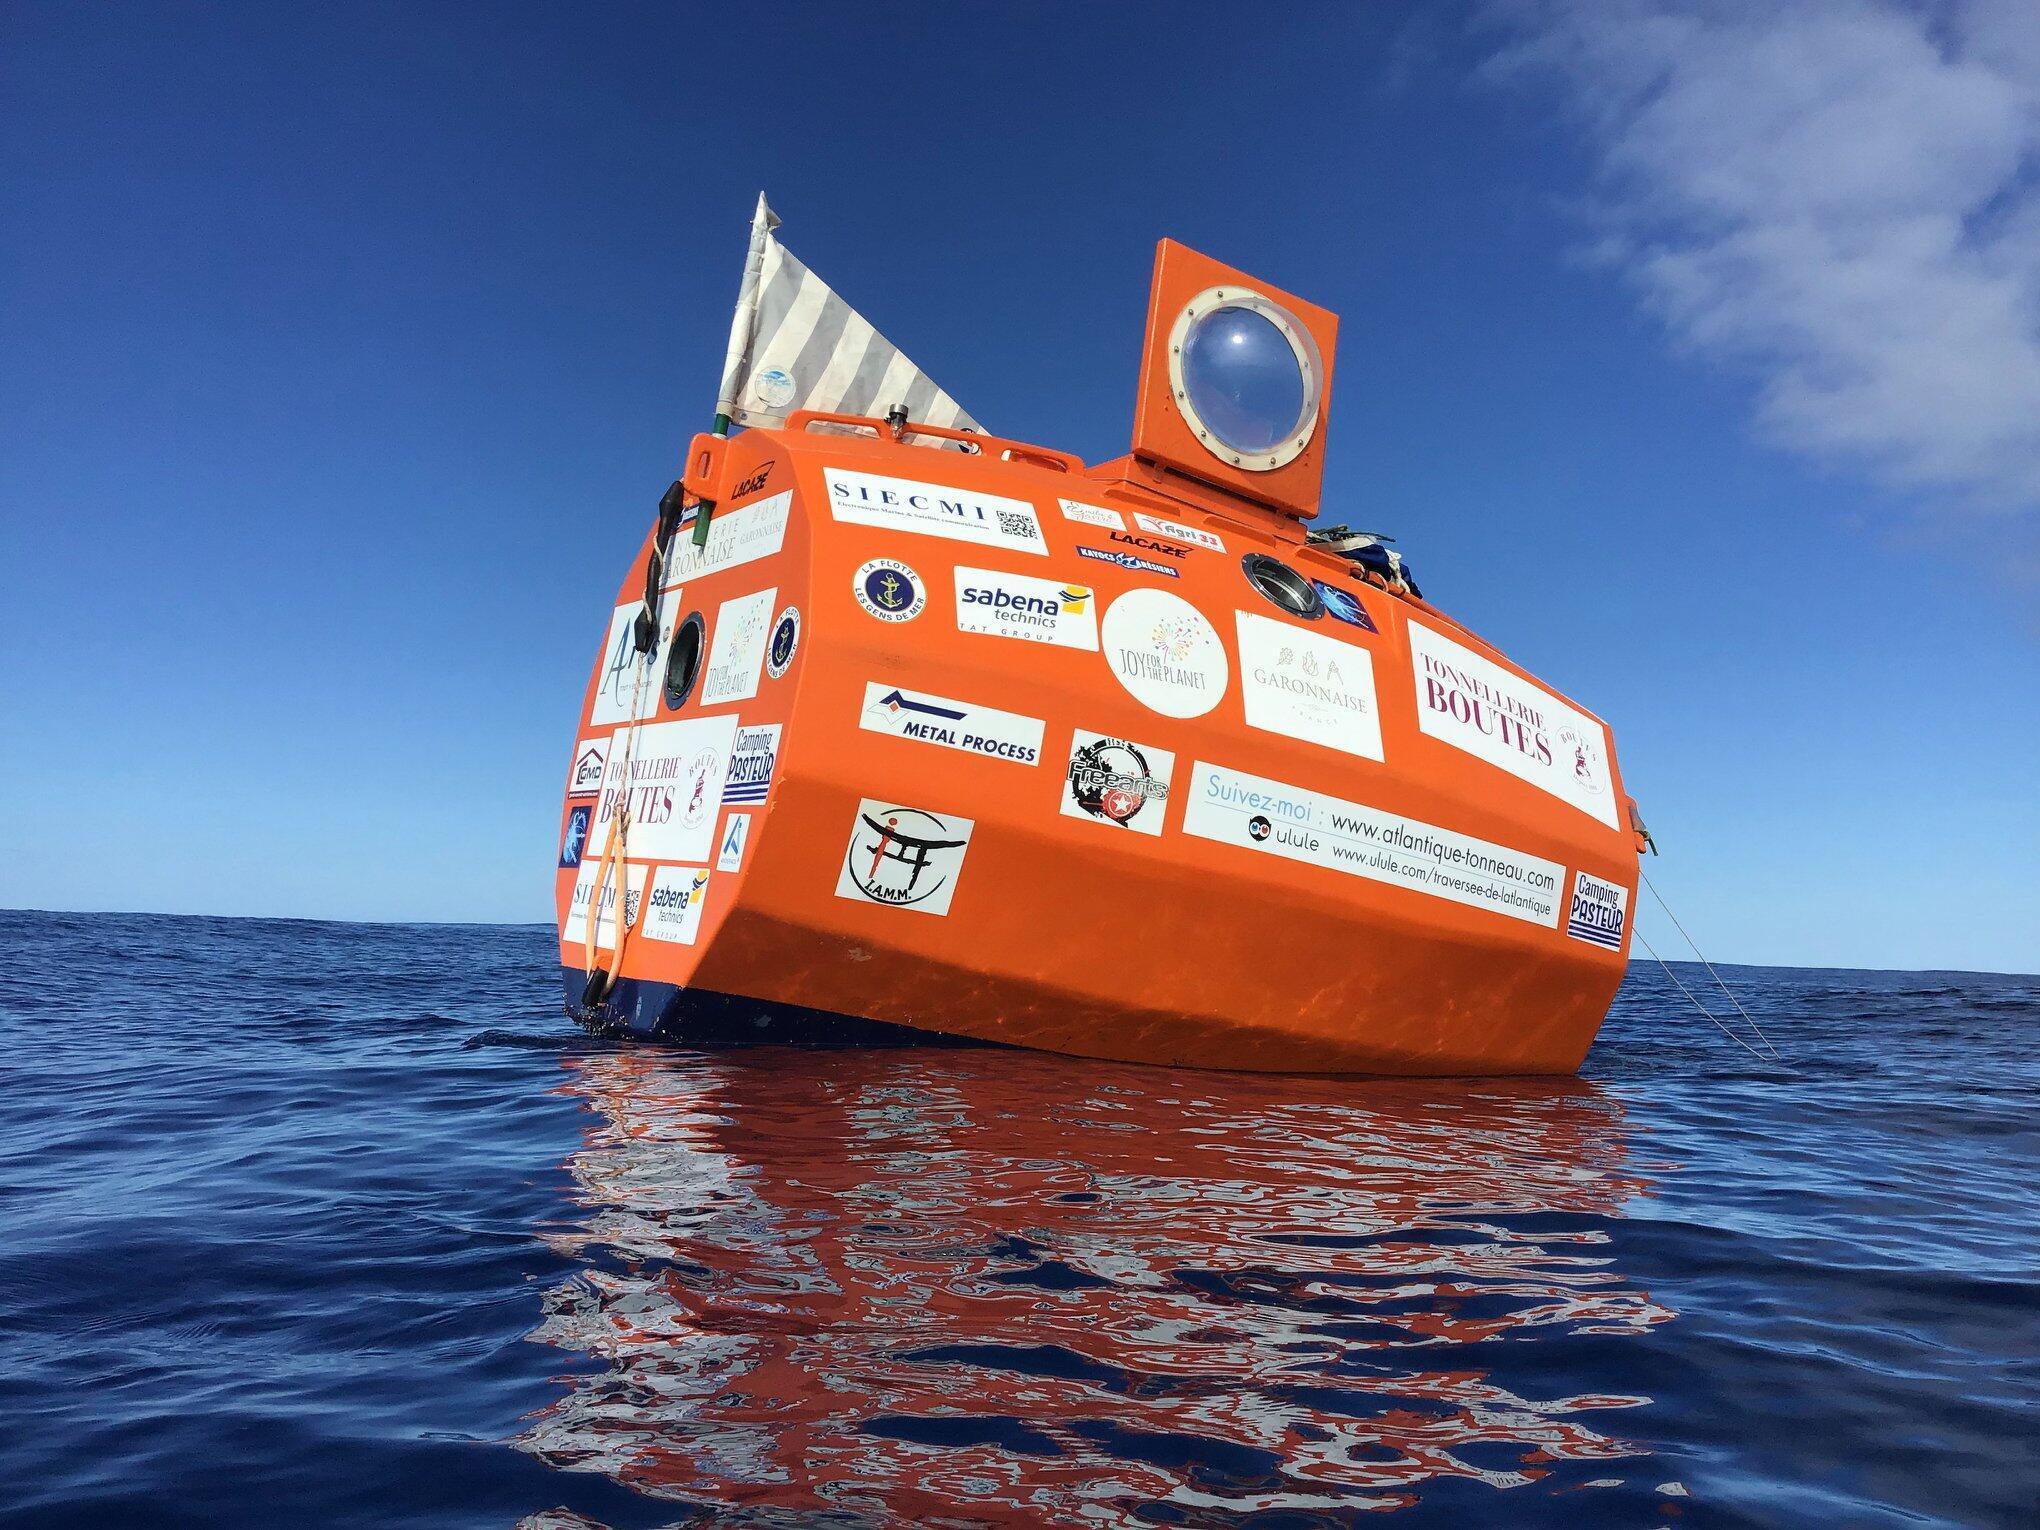 TESA : Travessia do Oceano Atlântico de toneu